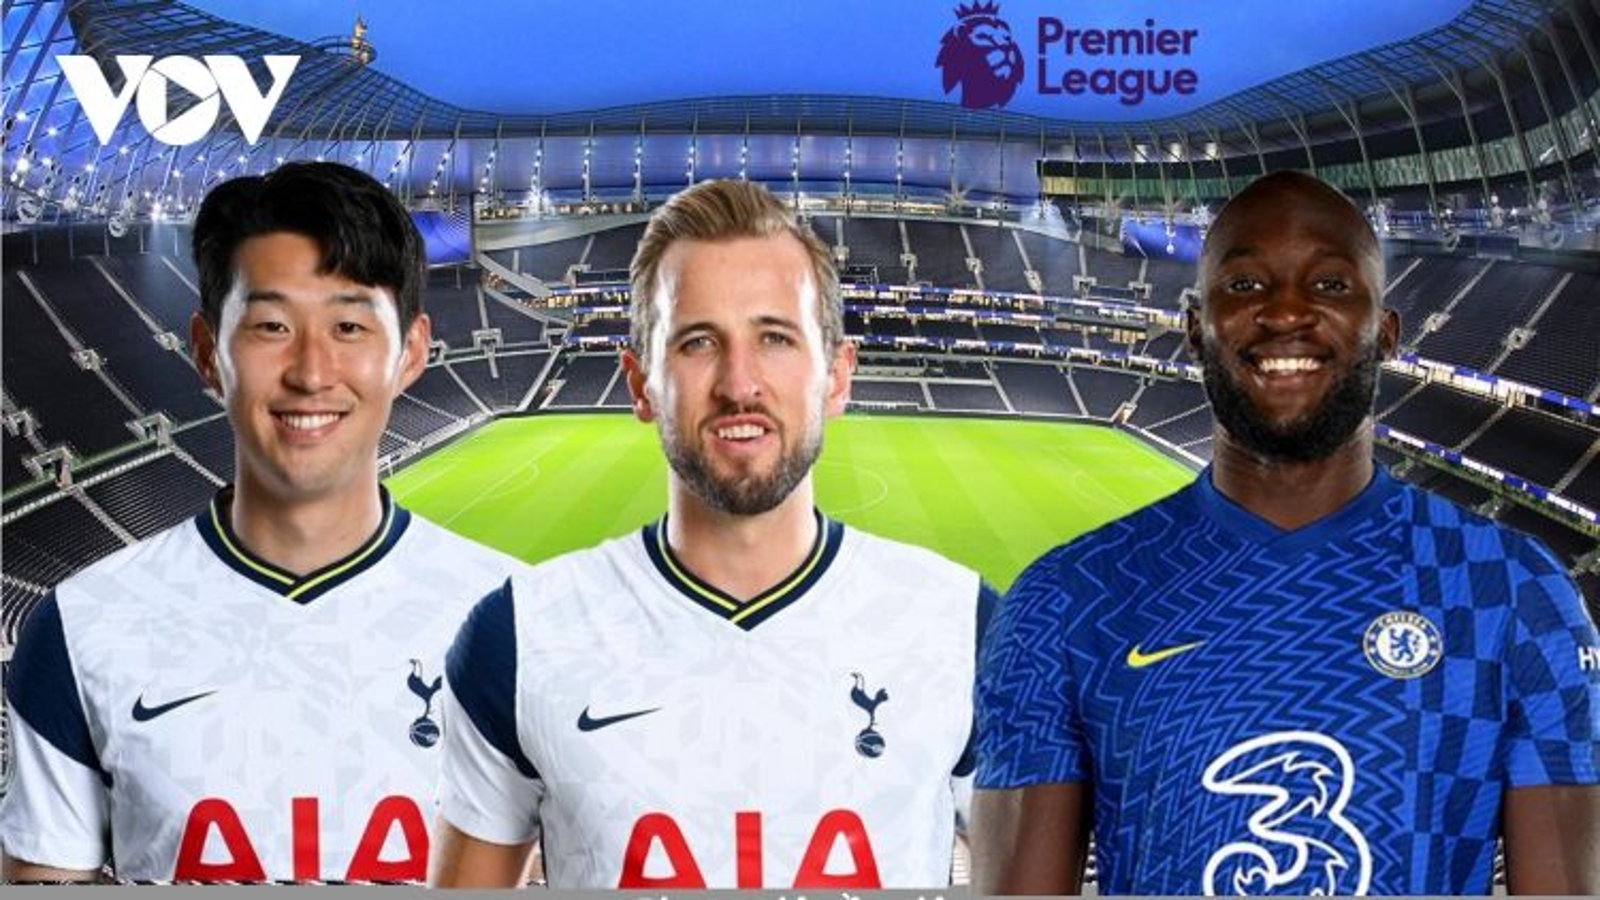 Dự đoán kết quả, đội hình xuất phát trận Tottenham - Chelsea